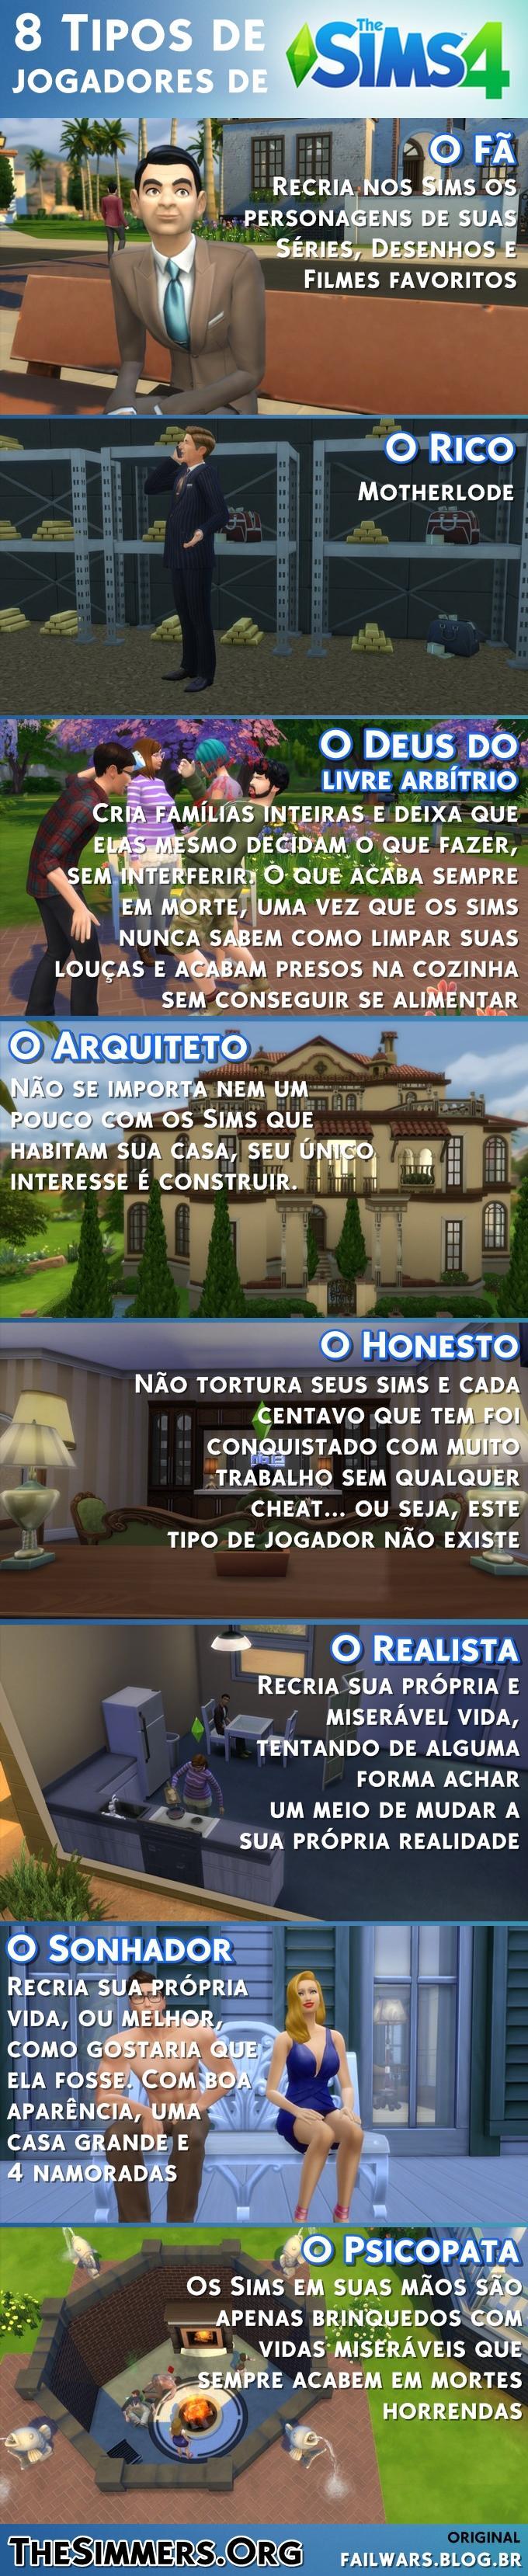 #Humor - 8 Tipos de Jogadores de The Sims 4